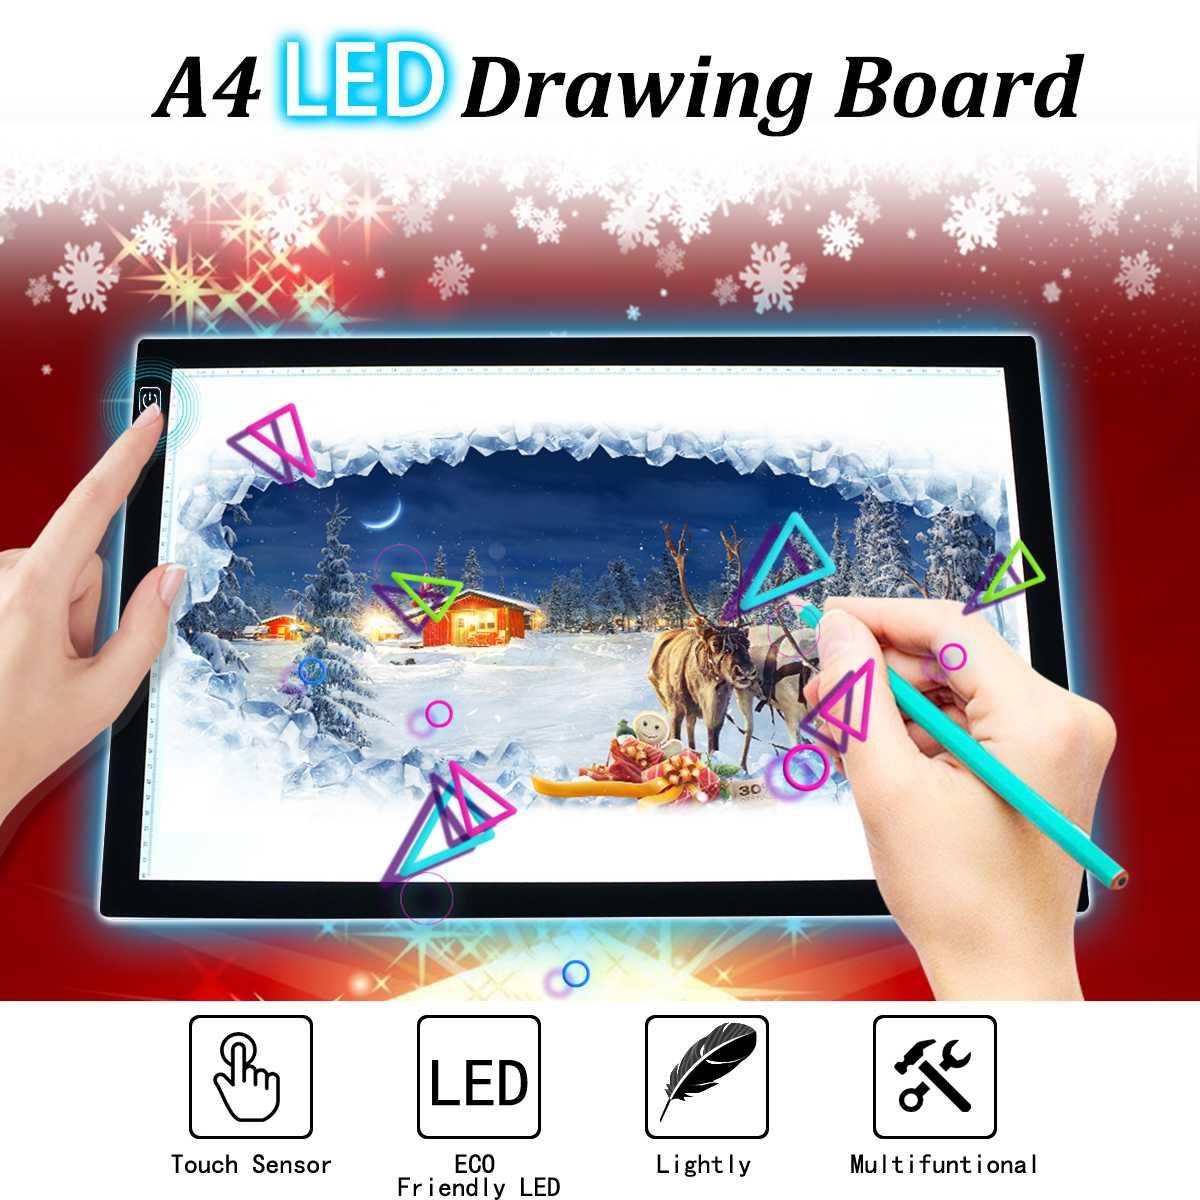 A2 Dimmable Ultra-mince led pochoir Traçage planche à dessin boîte lumineuse Pad Touchs Capteur Peinture Écriture Numérique Comprimés